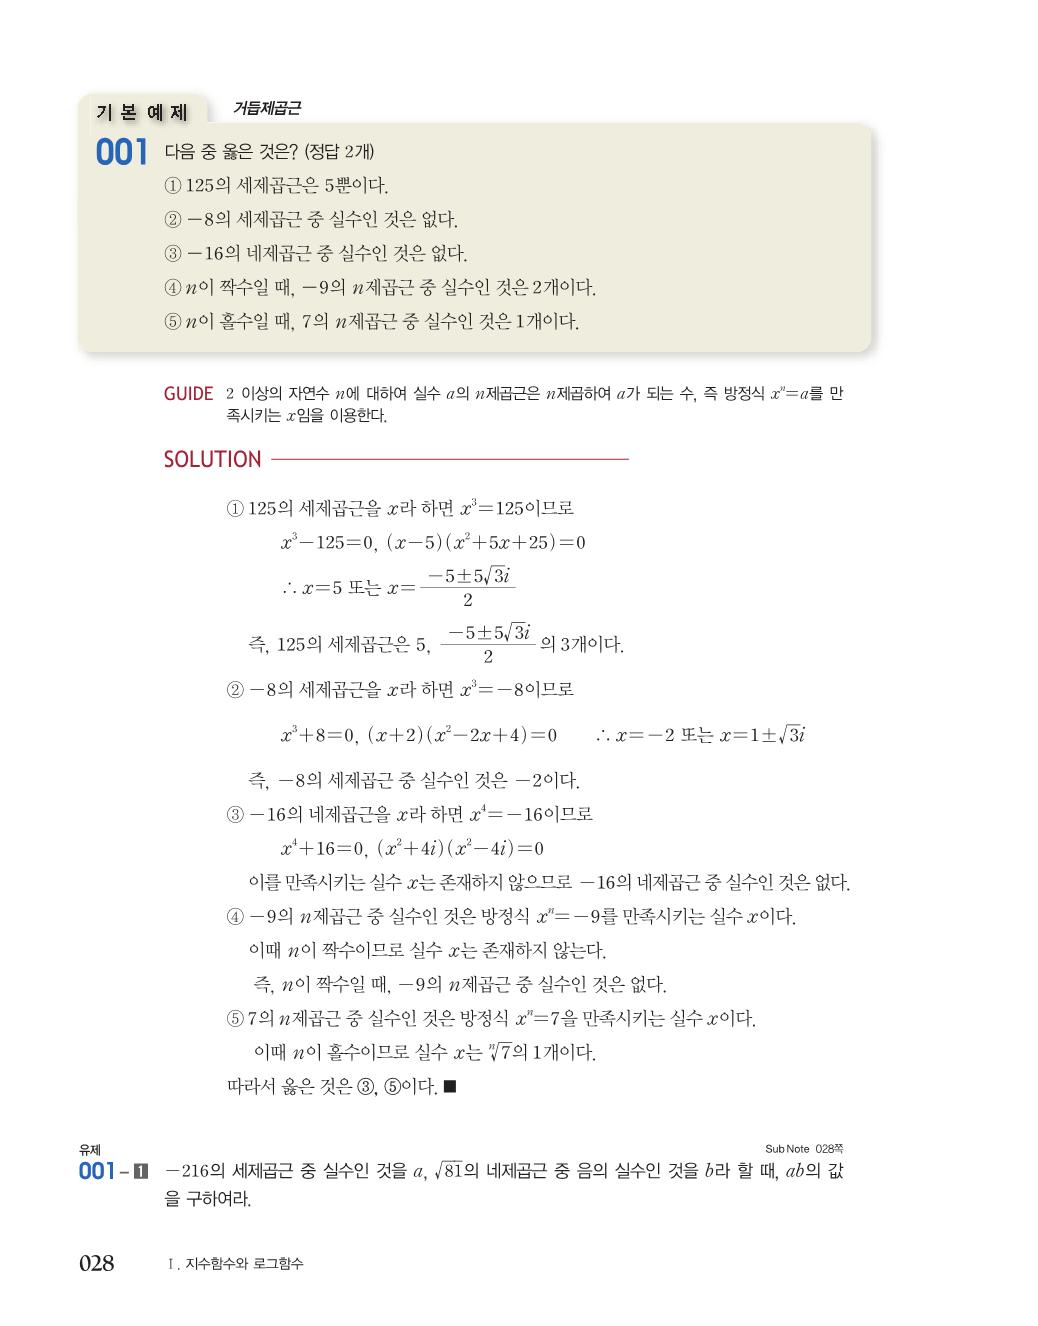 미리보기_숨마쿰라우데_개념기본서_수학119.png